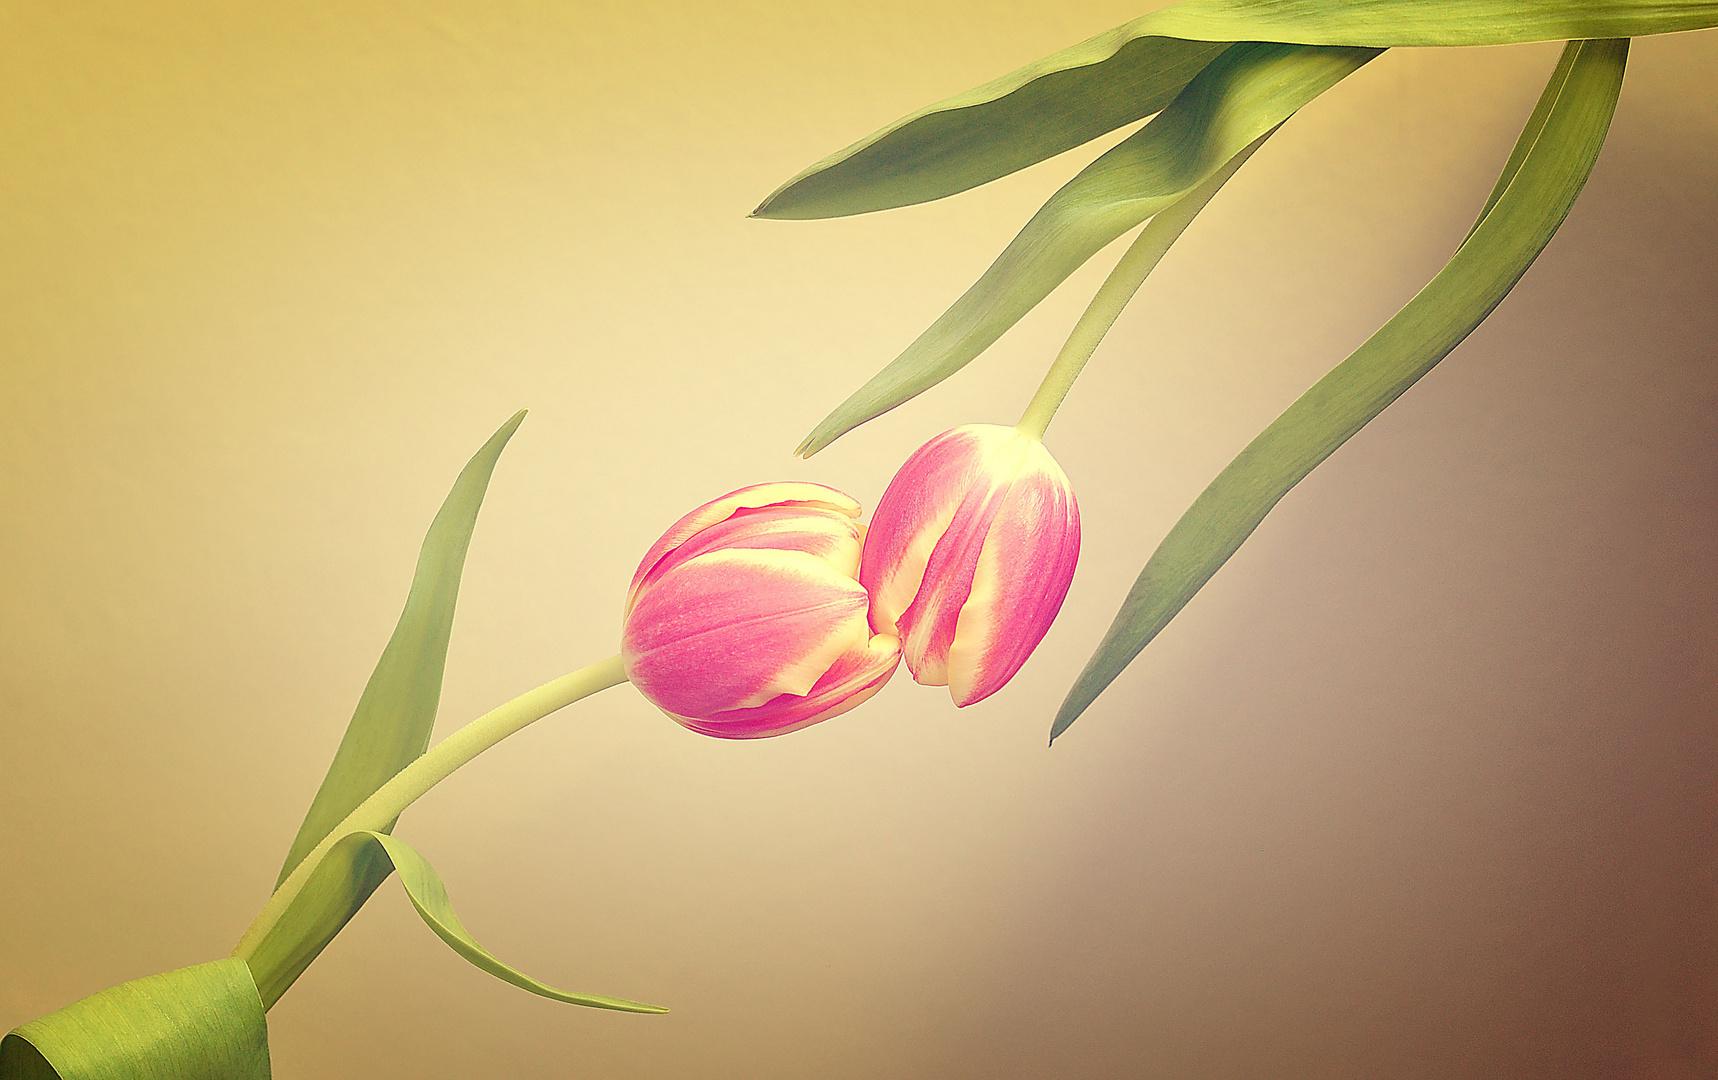 Küss mich, ich bin der Frühling